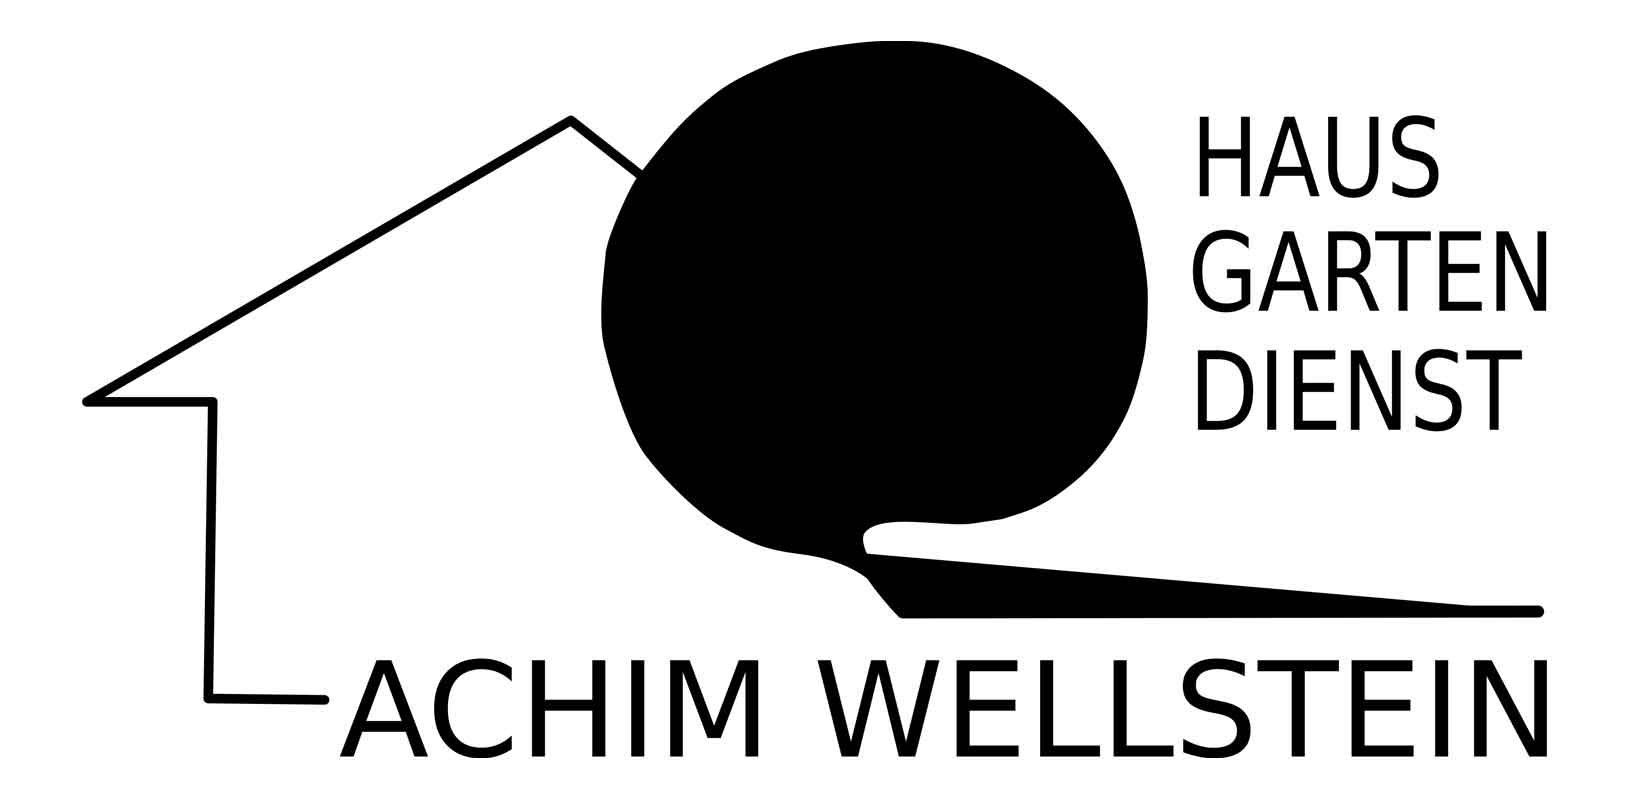 HAUS-GARTEN-DIENST Achim Wellstein